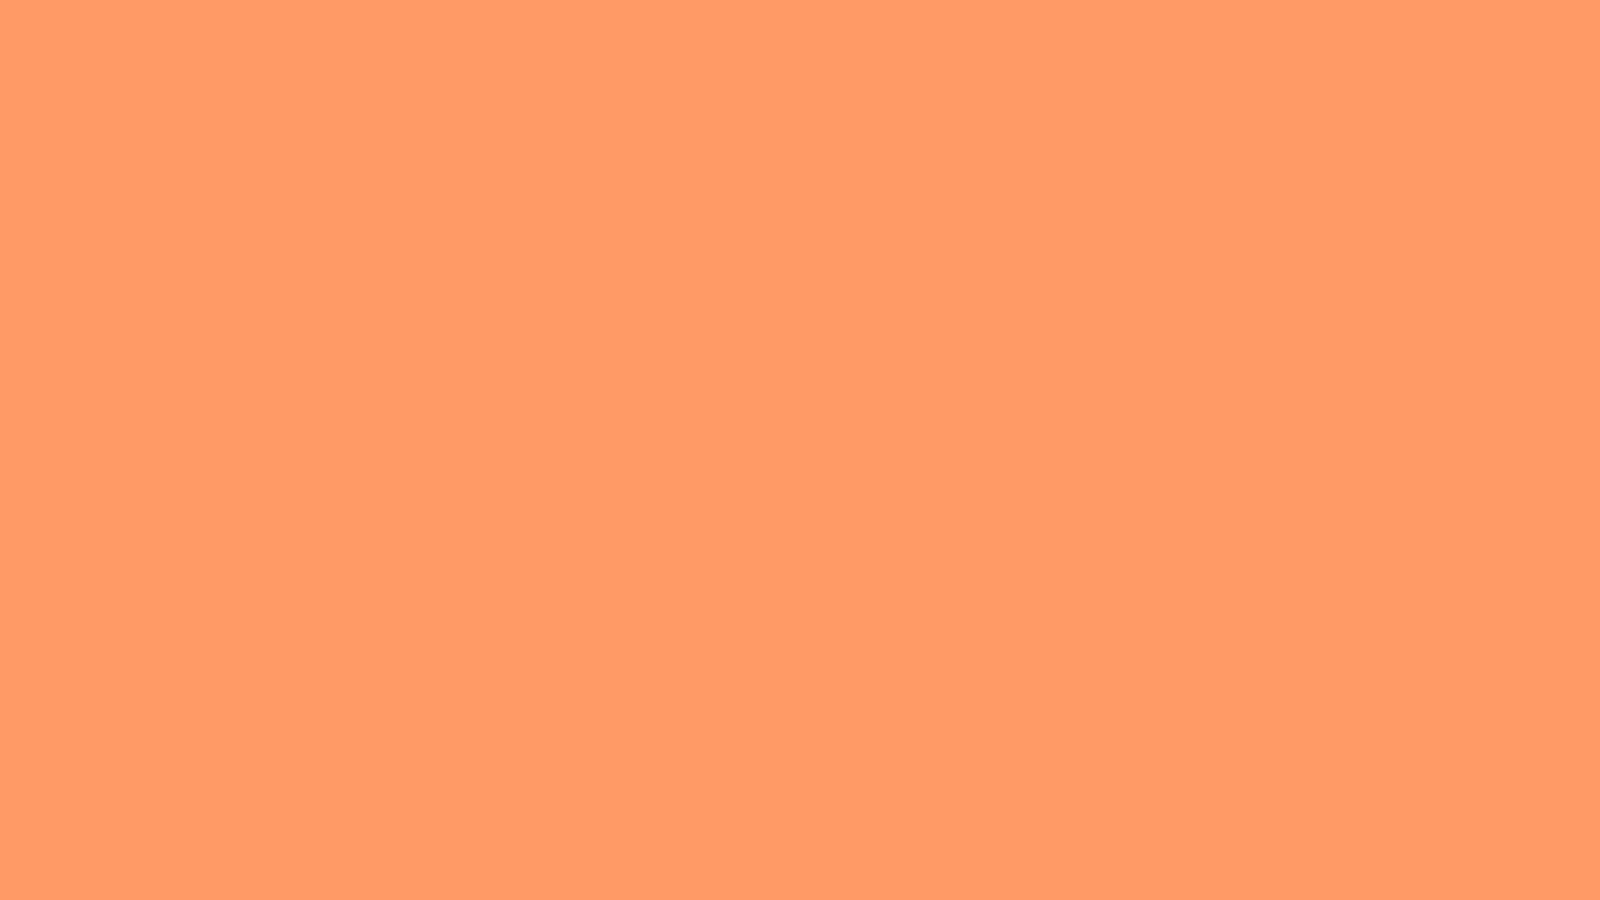 1600x900 Pink-orange Solid Color Background